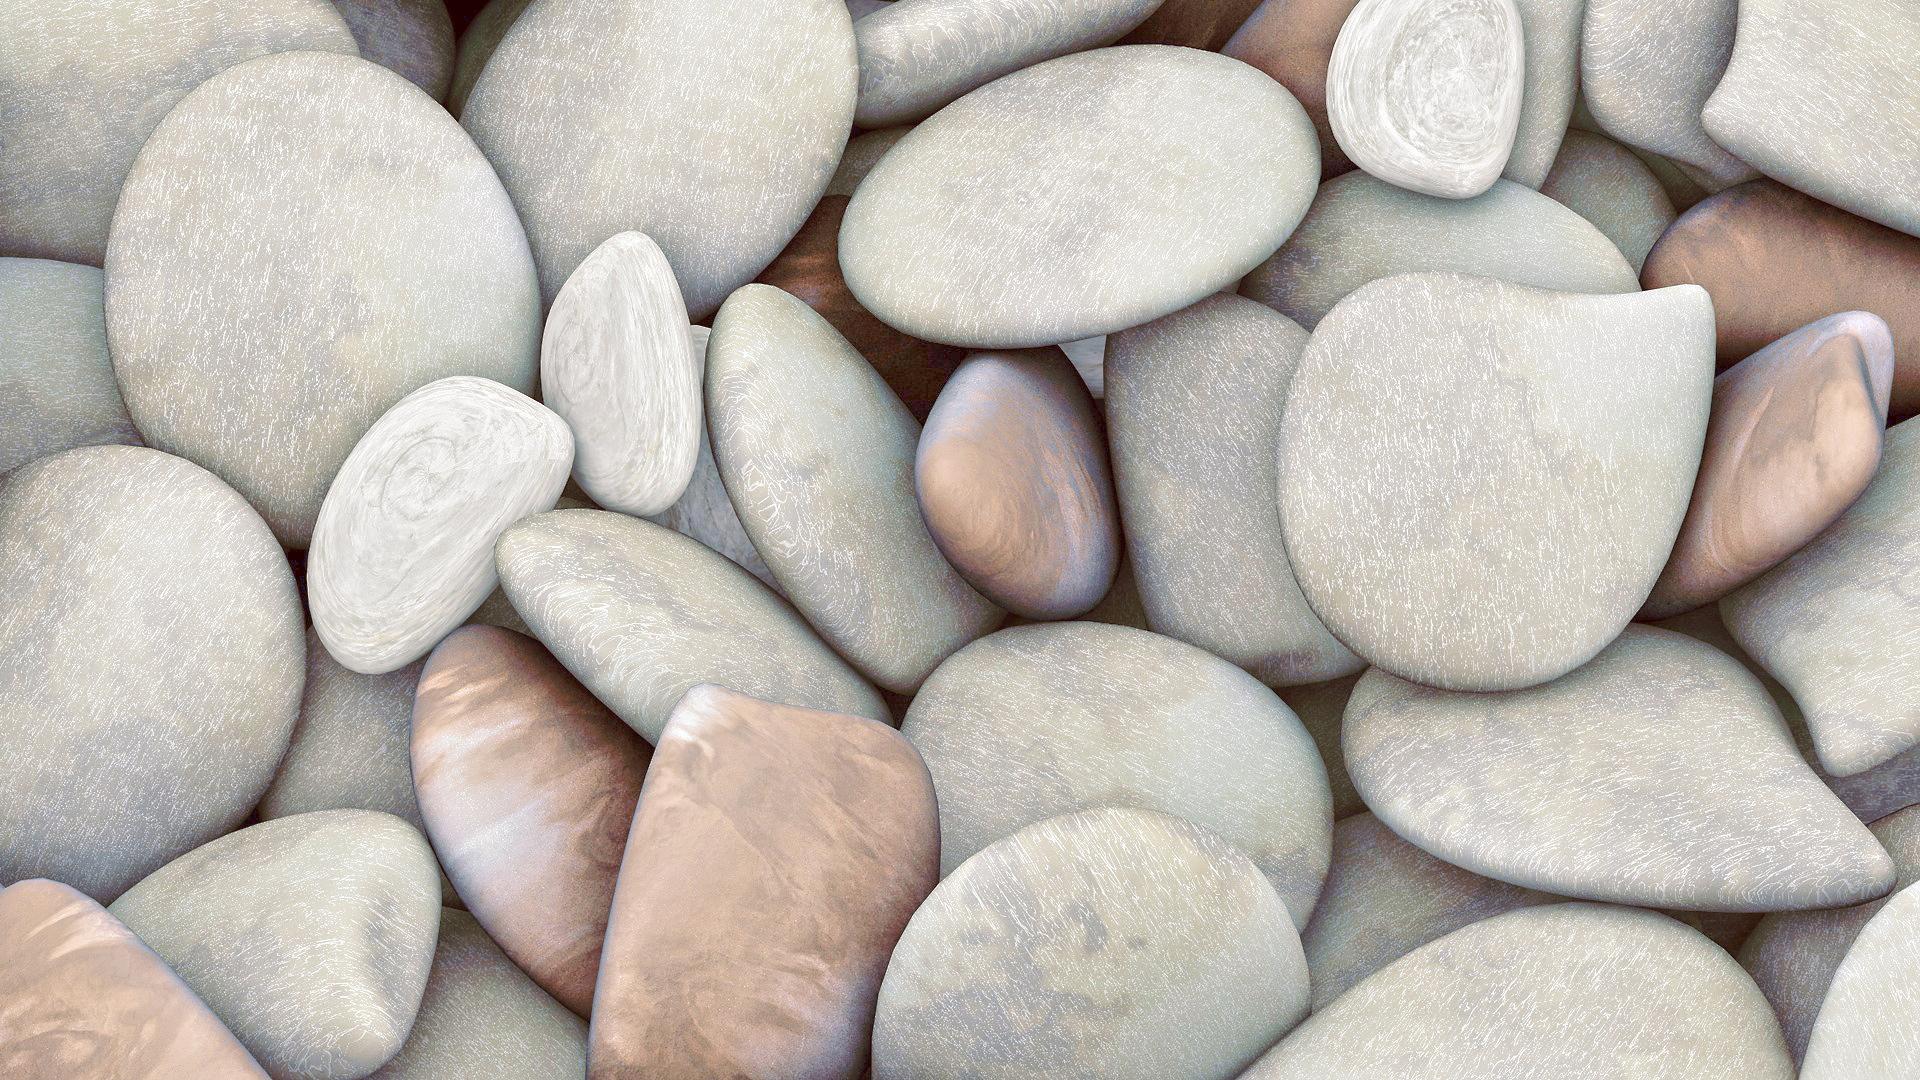 Гладкие камни  № 1383804 без смс